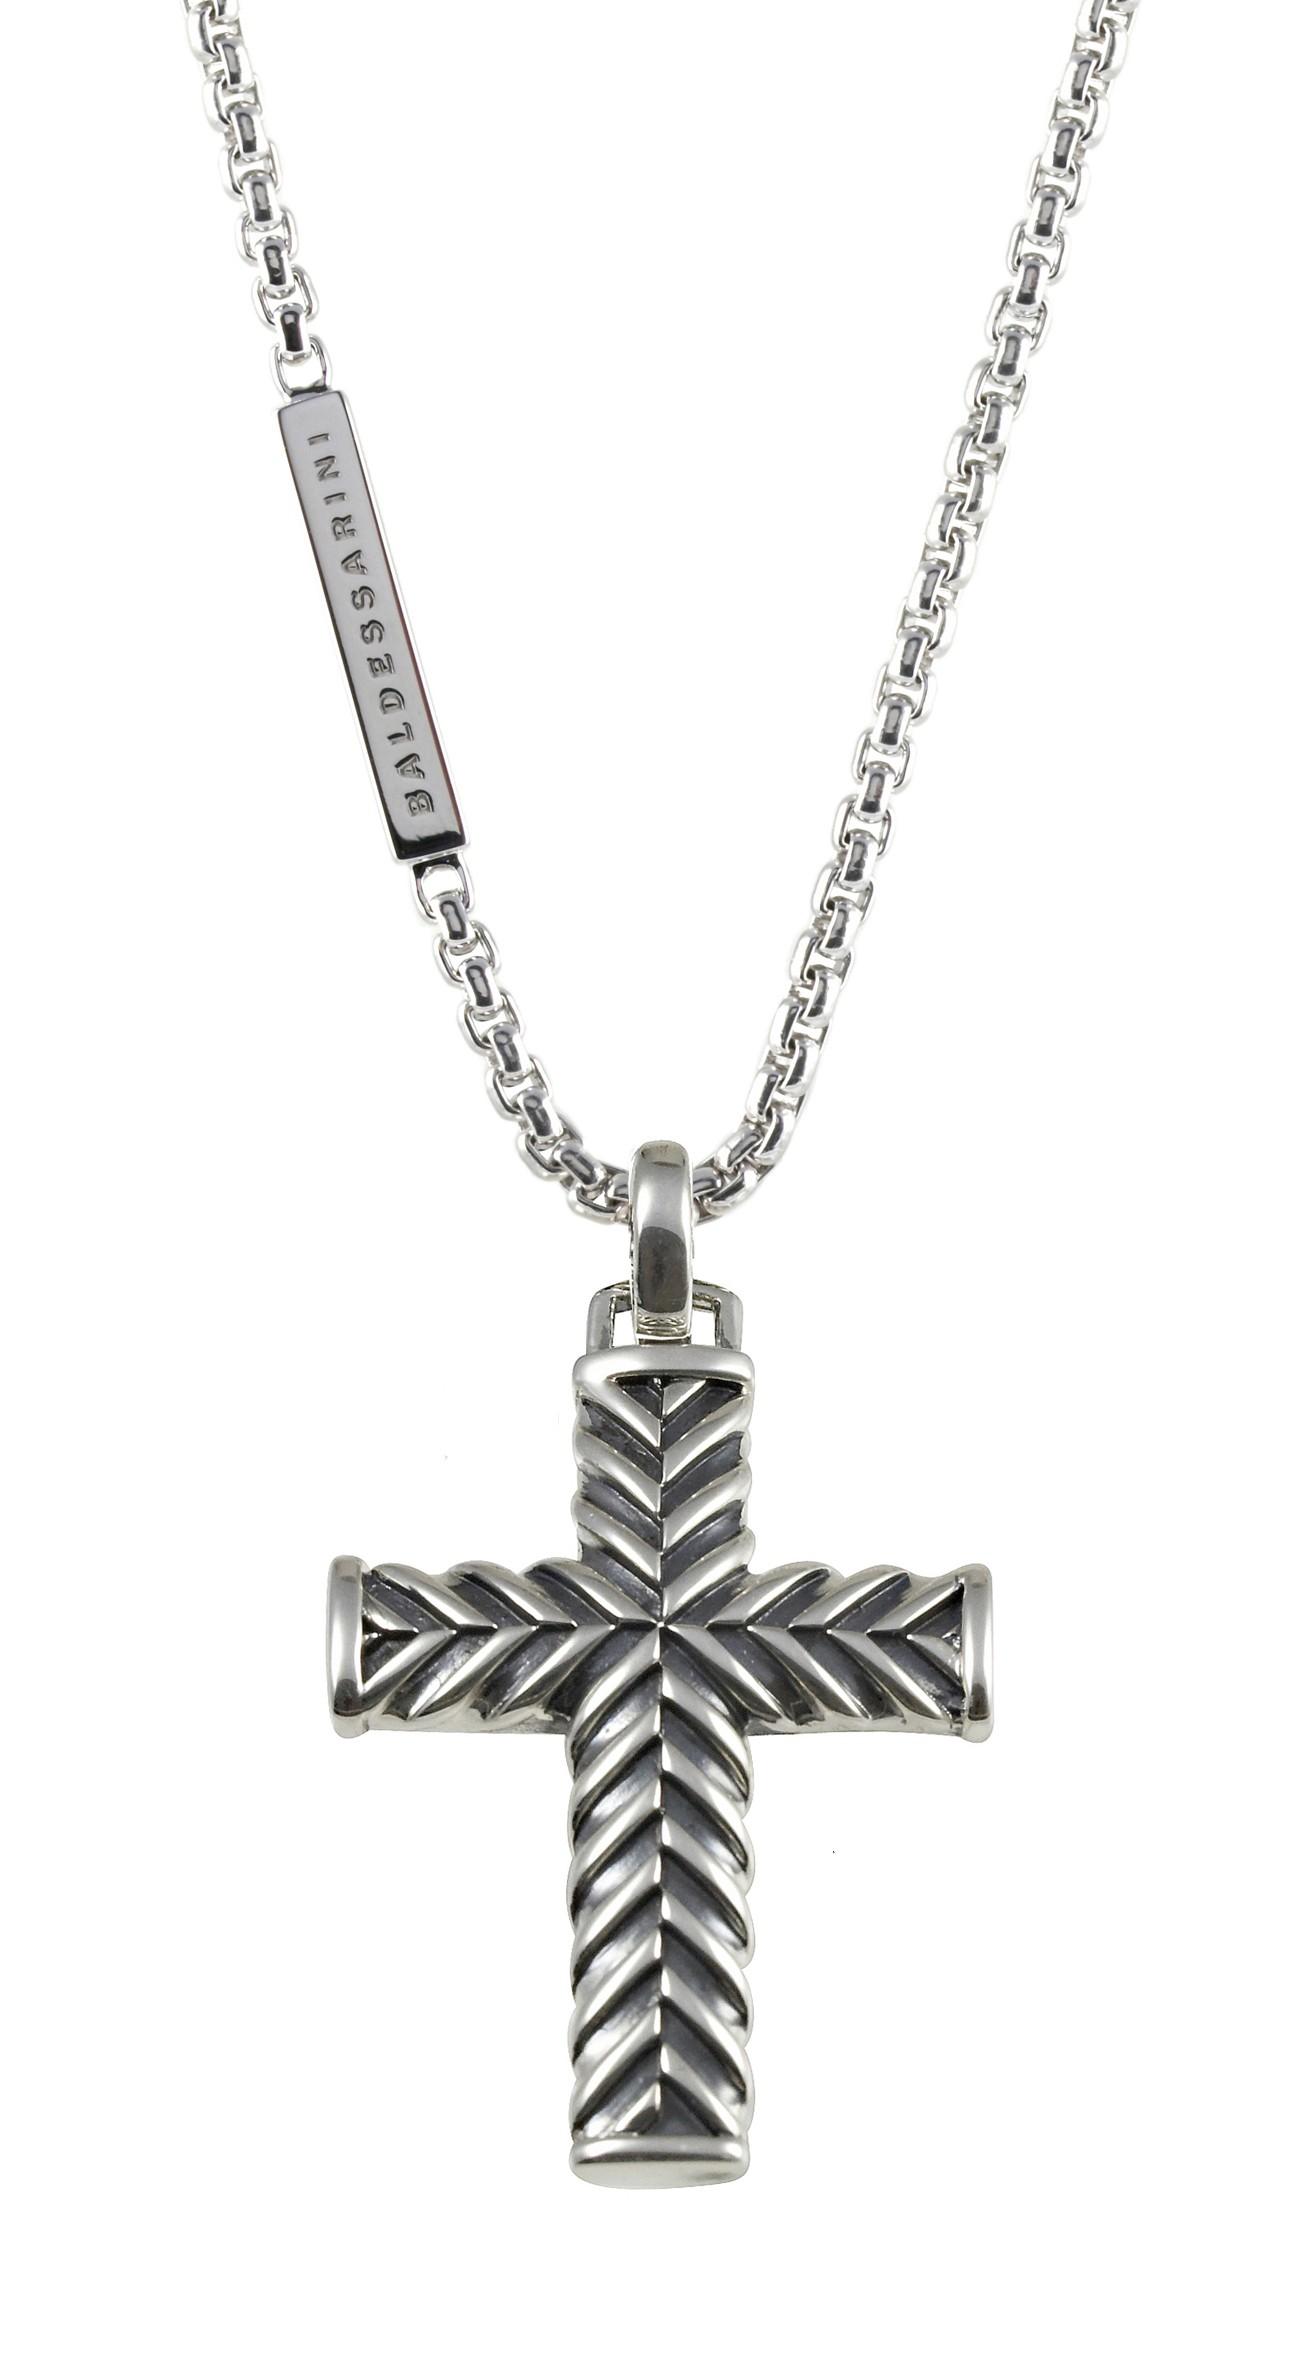 HerrenHalskette mit Kreuz von Baldessarini Y1045N900055